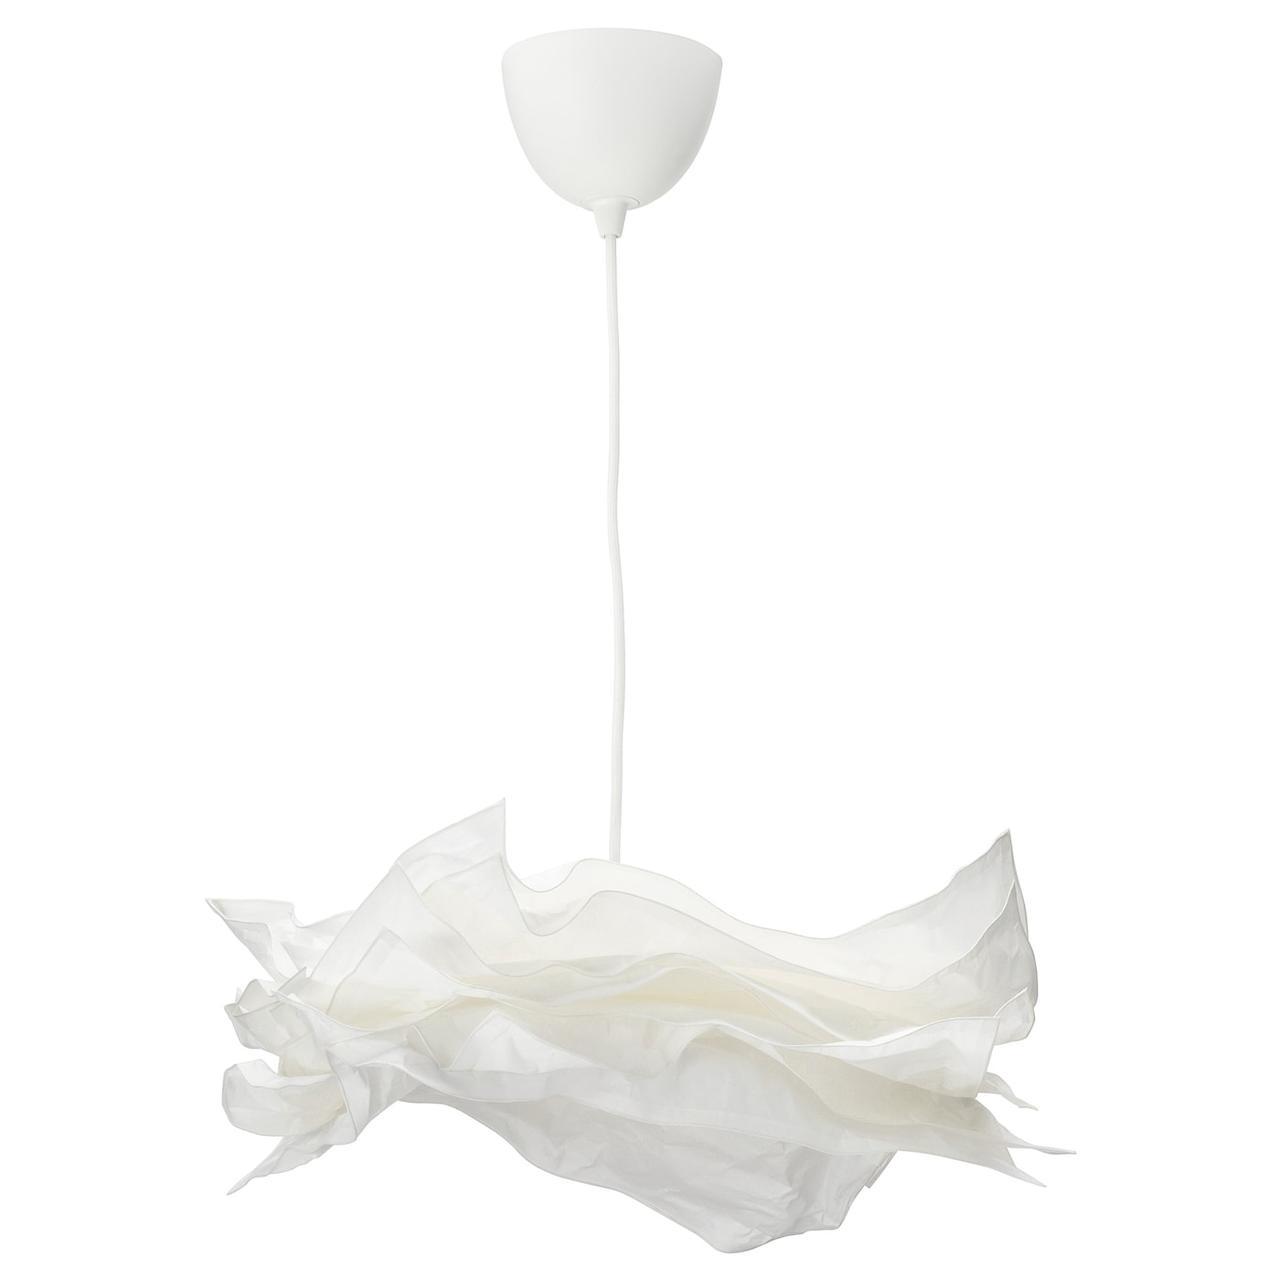 Подвесной светильник IKEA KRUSNING / SEKOND белый 192.919.28